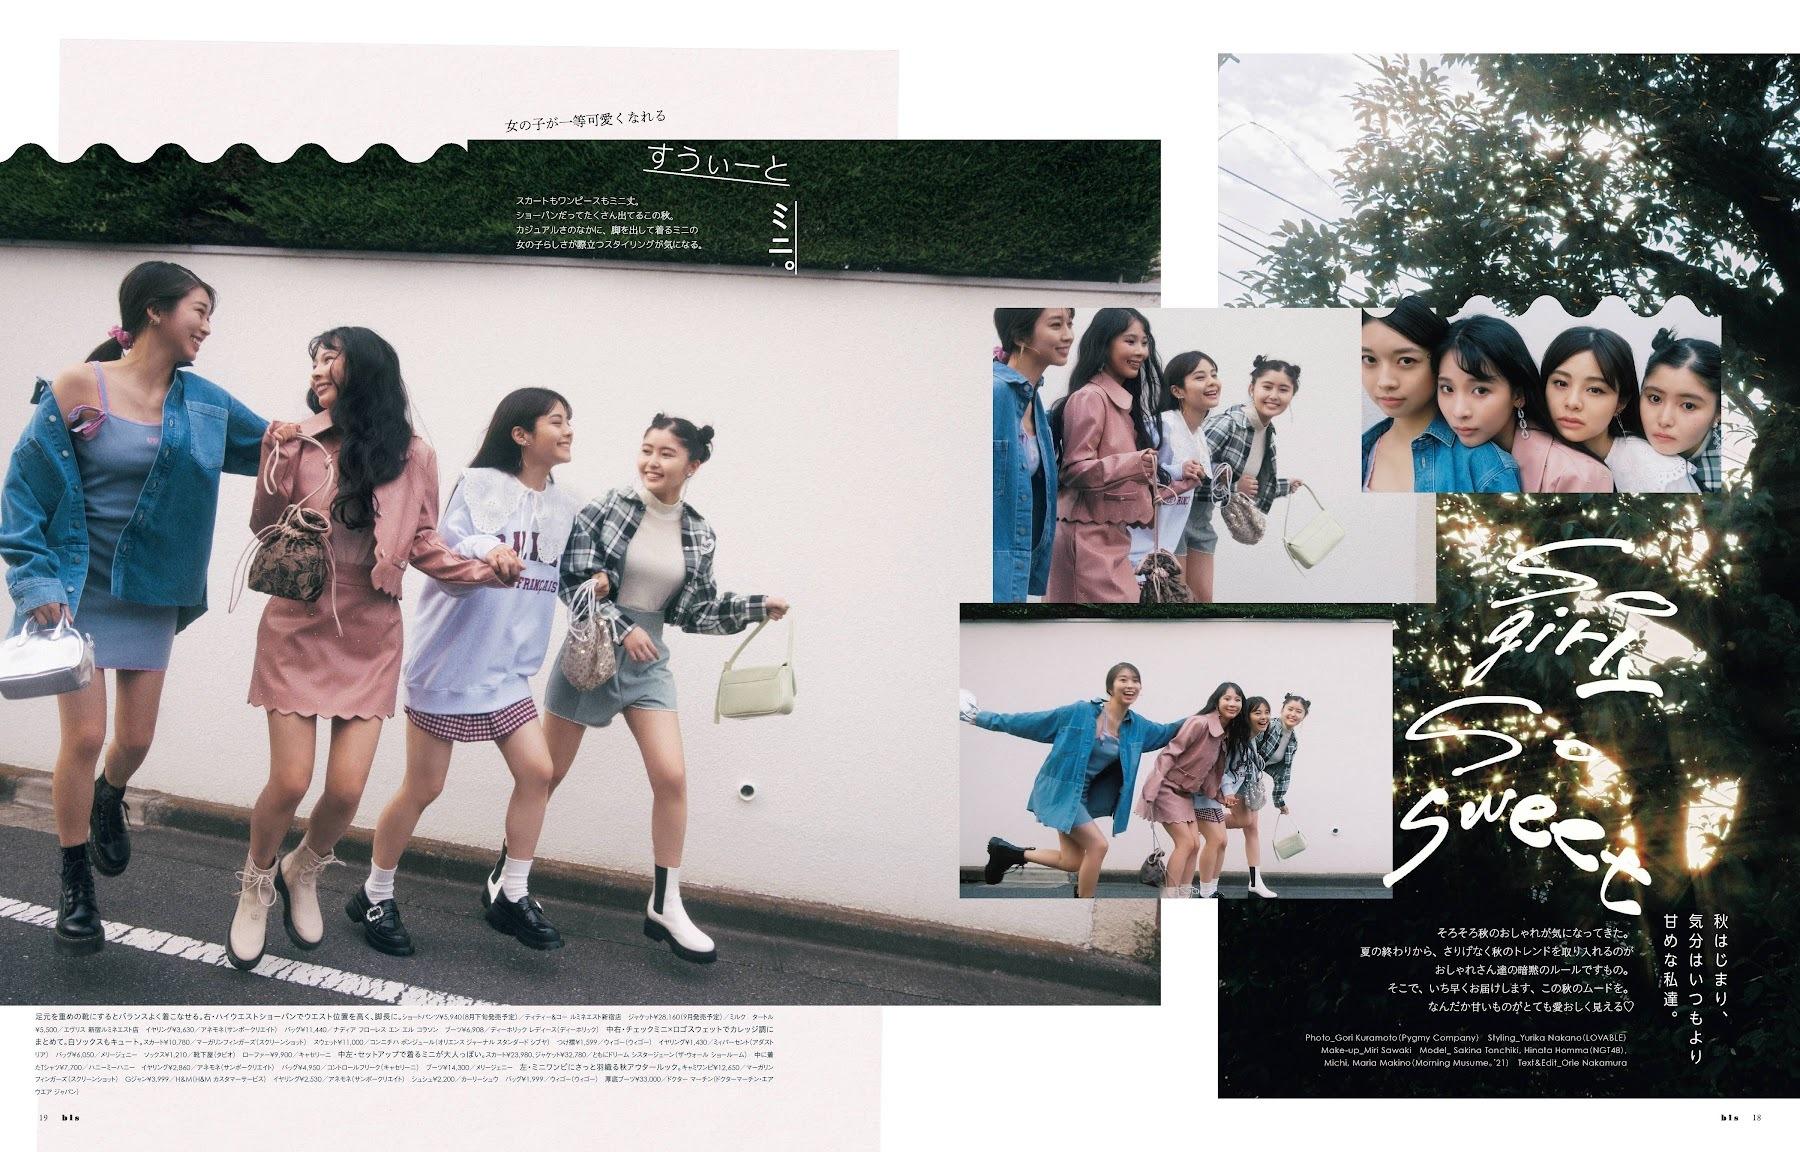 喵妹子写真专辑(第14辑) 养眼图片 第49张